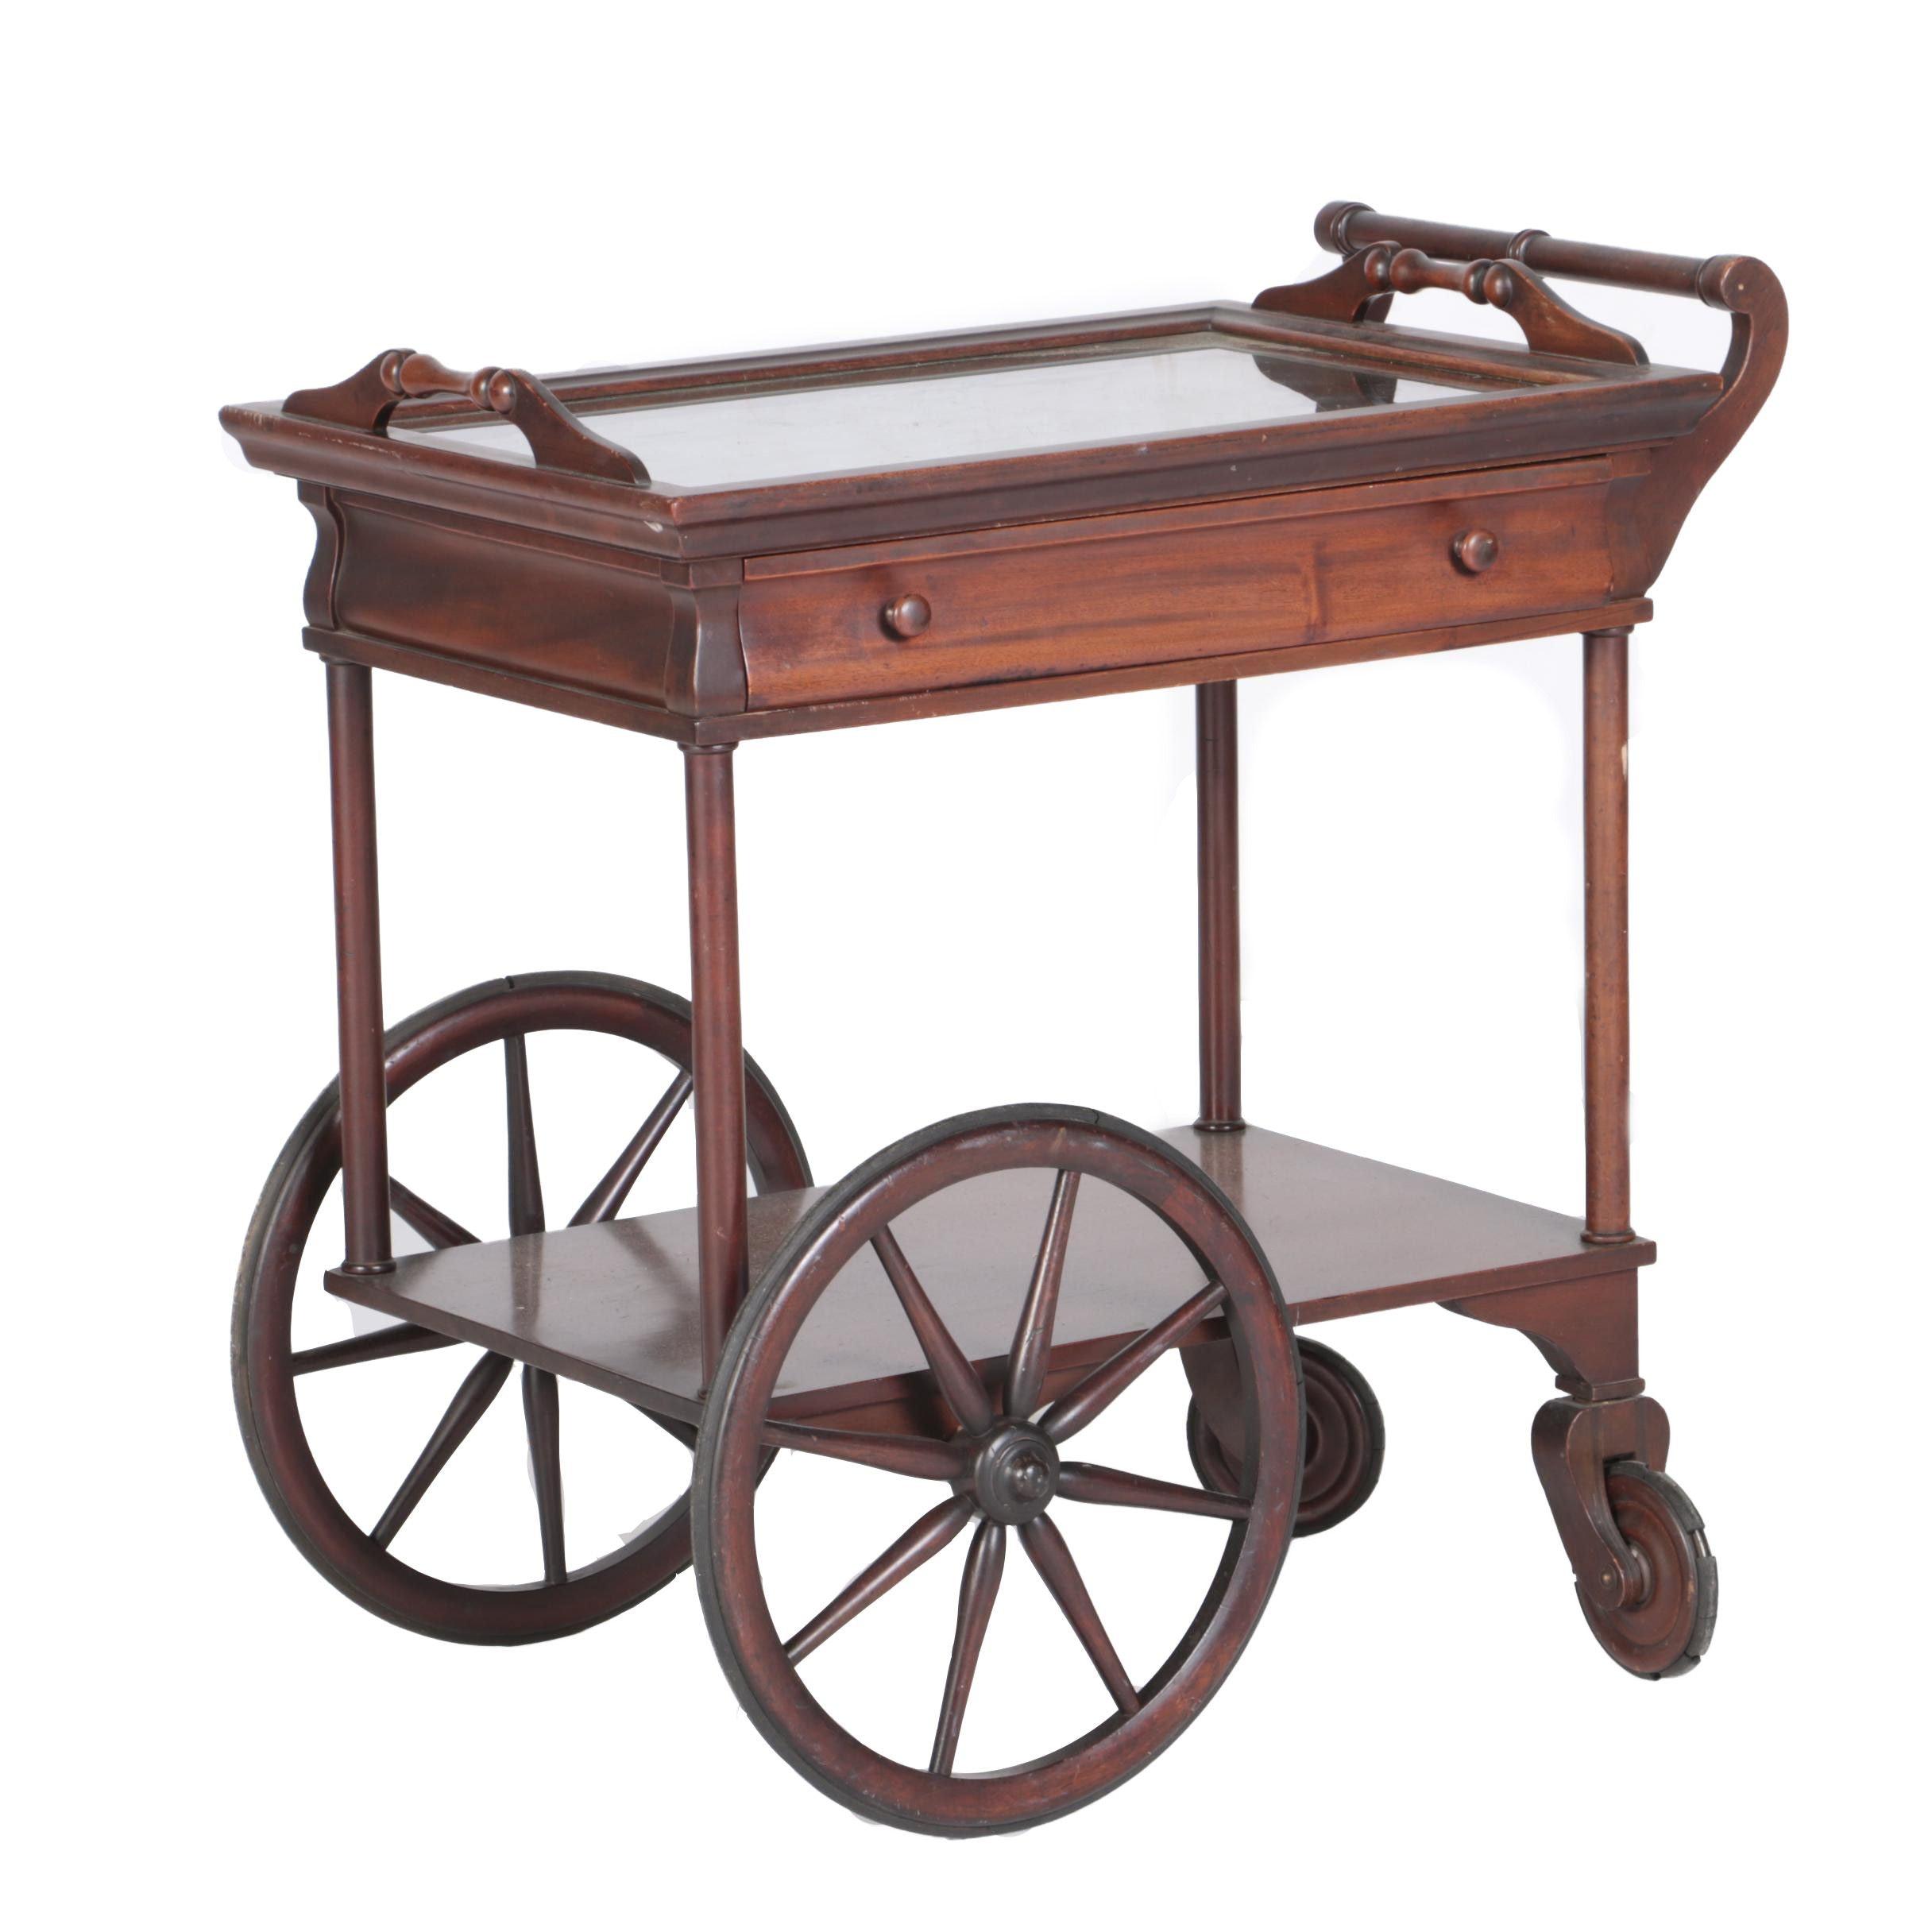 Contemporary Mahogany Tea Cart with Tray Top